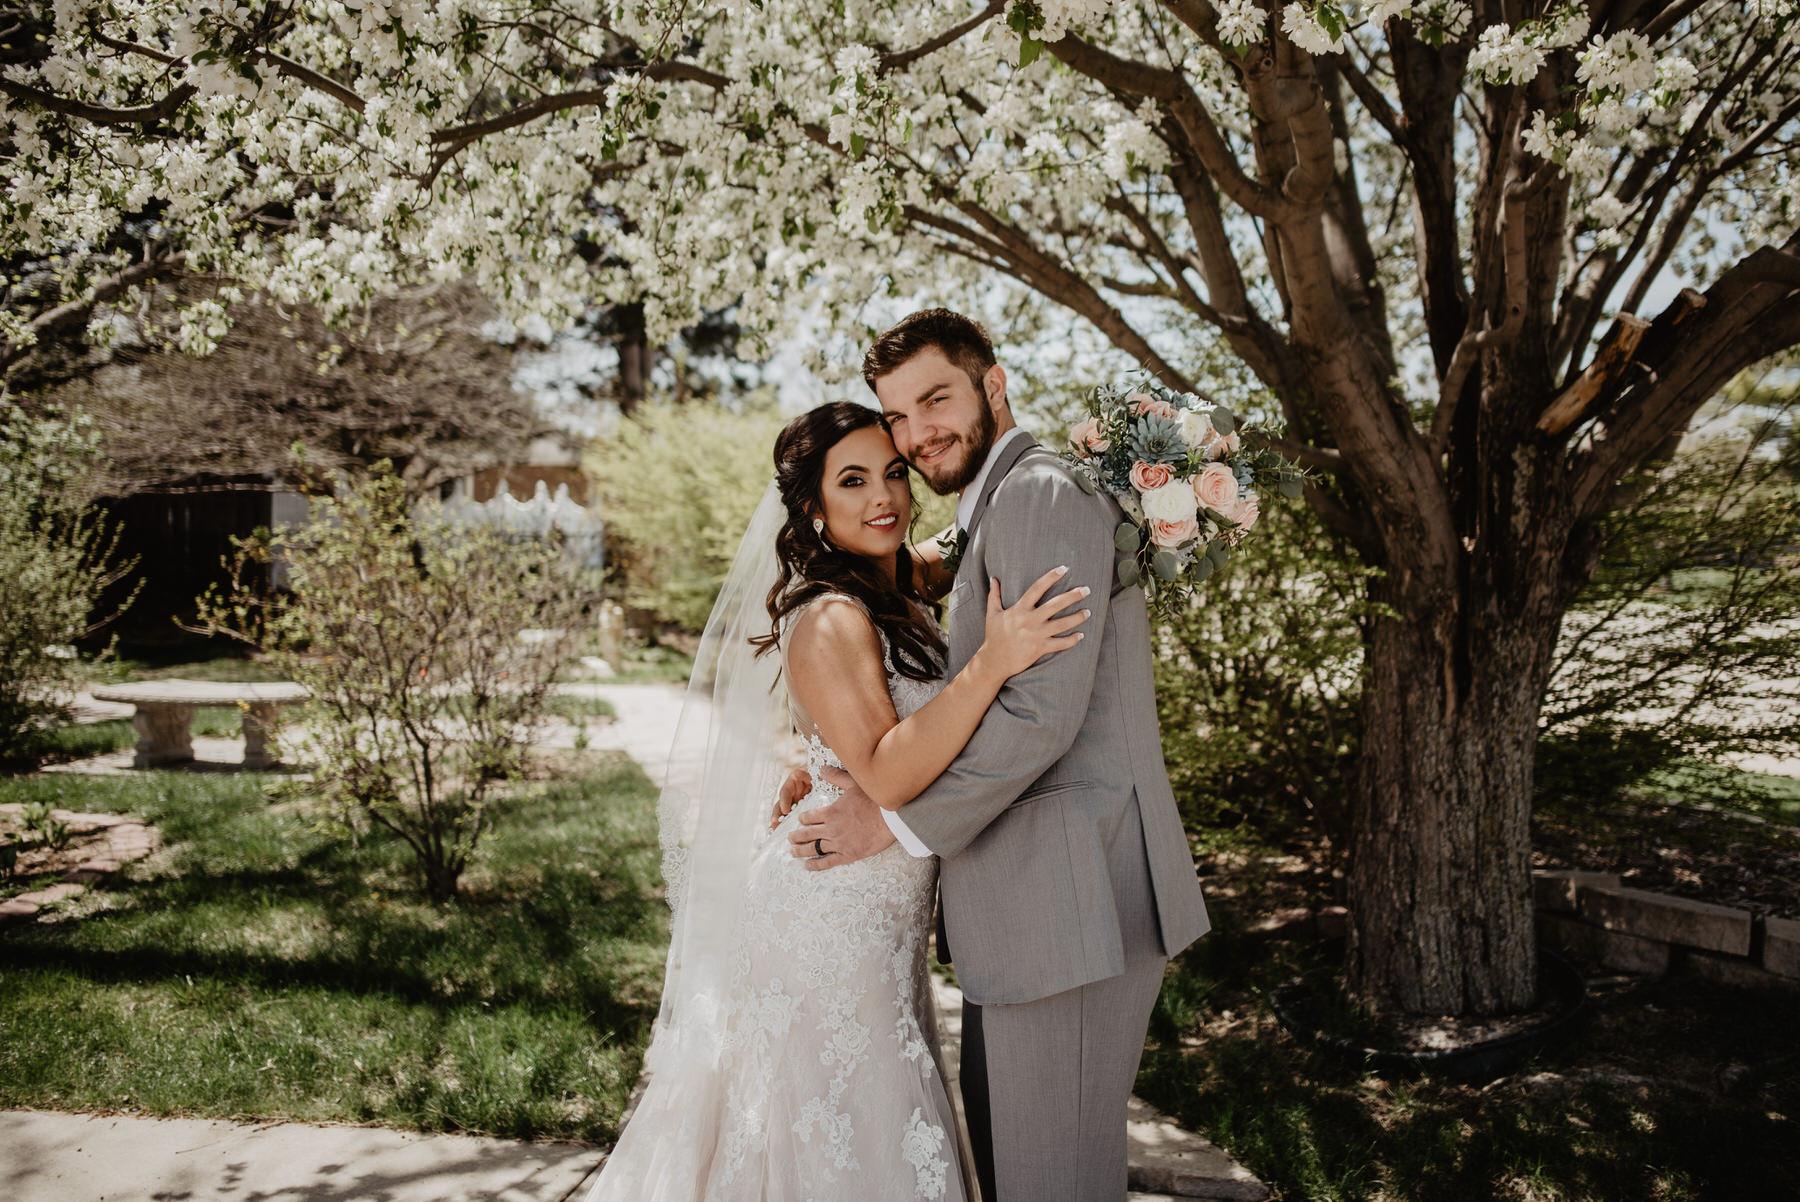 Kaylie-Sirek-Photography-Kearney-Nebraska-Wedding-044.jpg